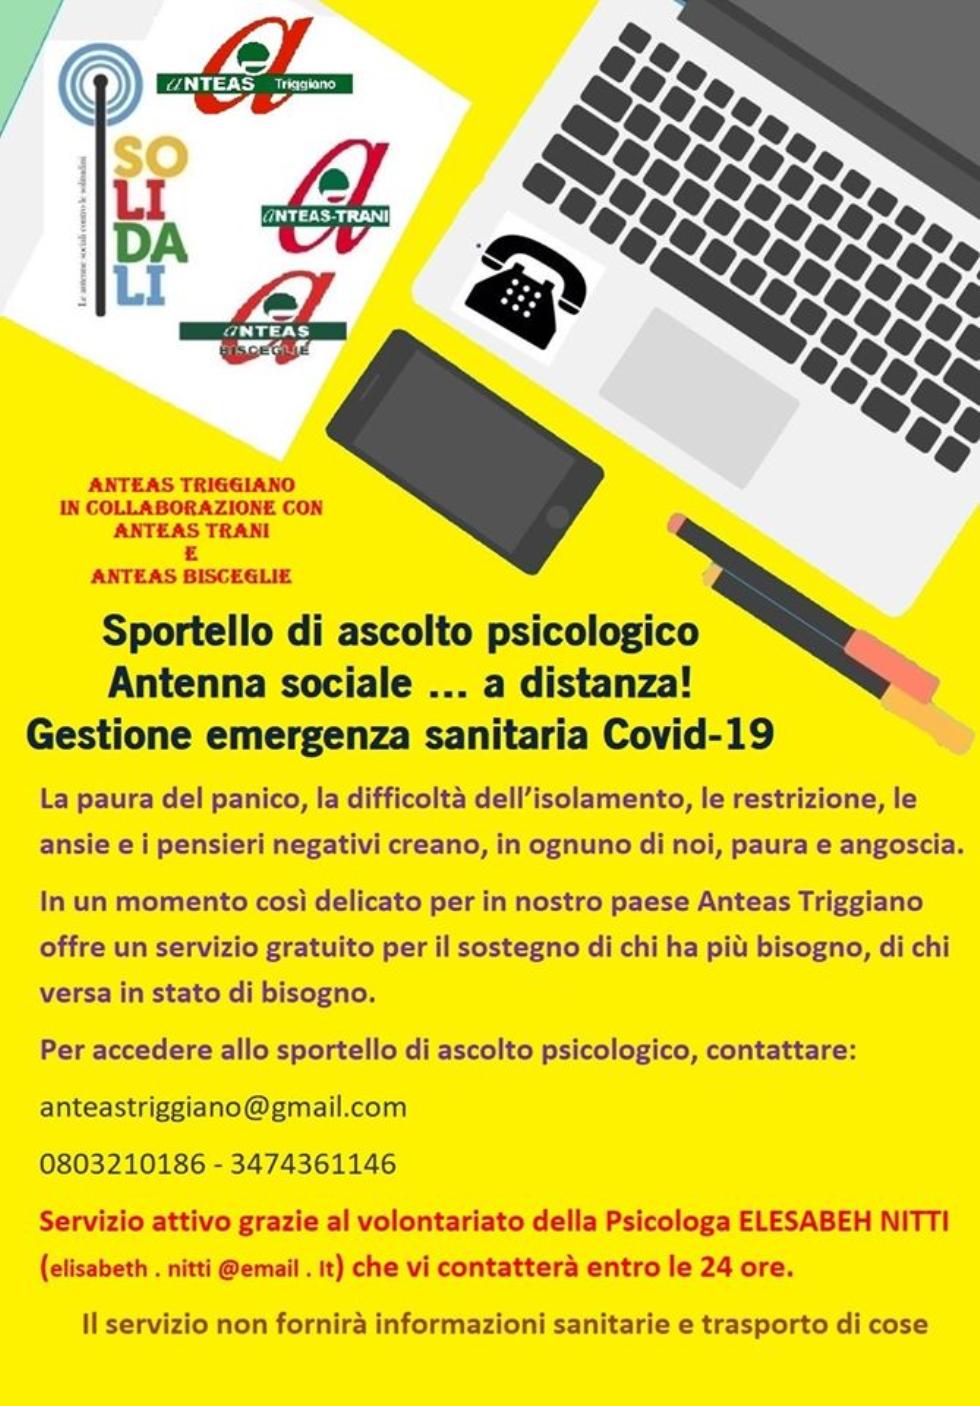 Sportello di ascolto psicologico organizzato da Anteas Triggiano (Bari)